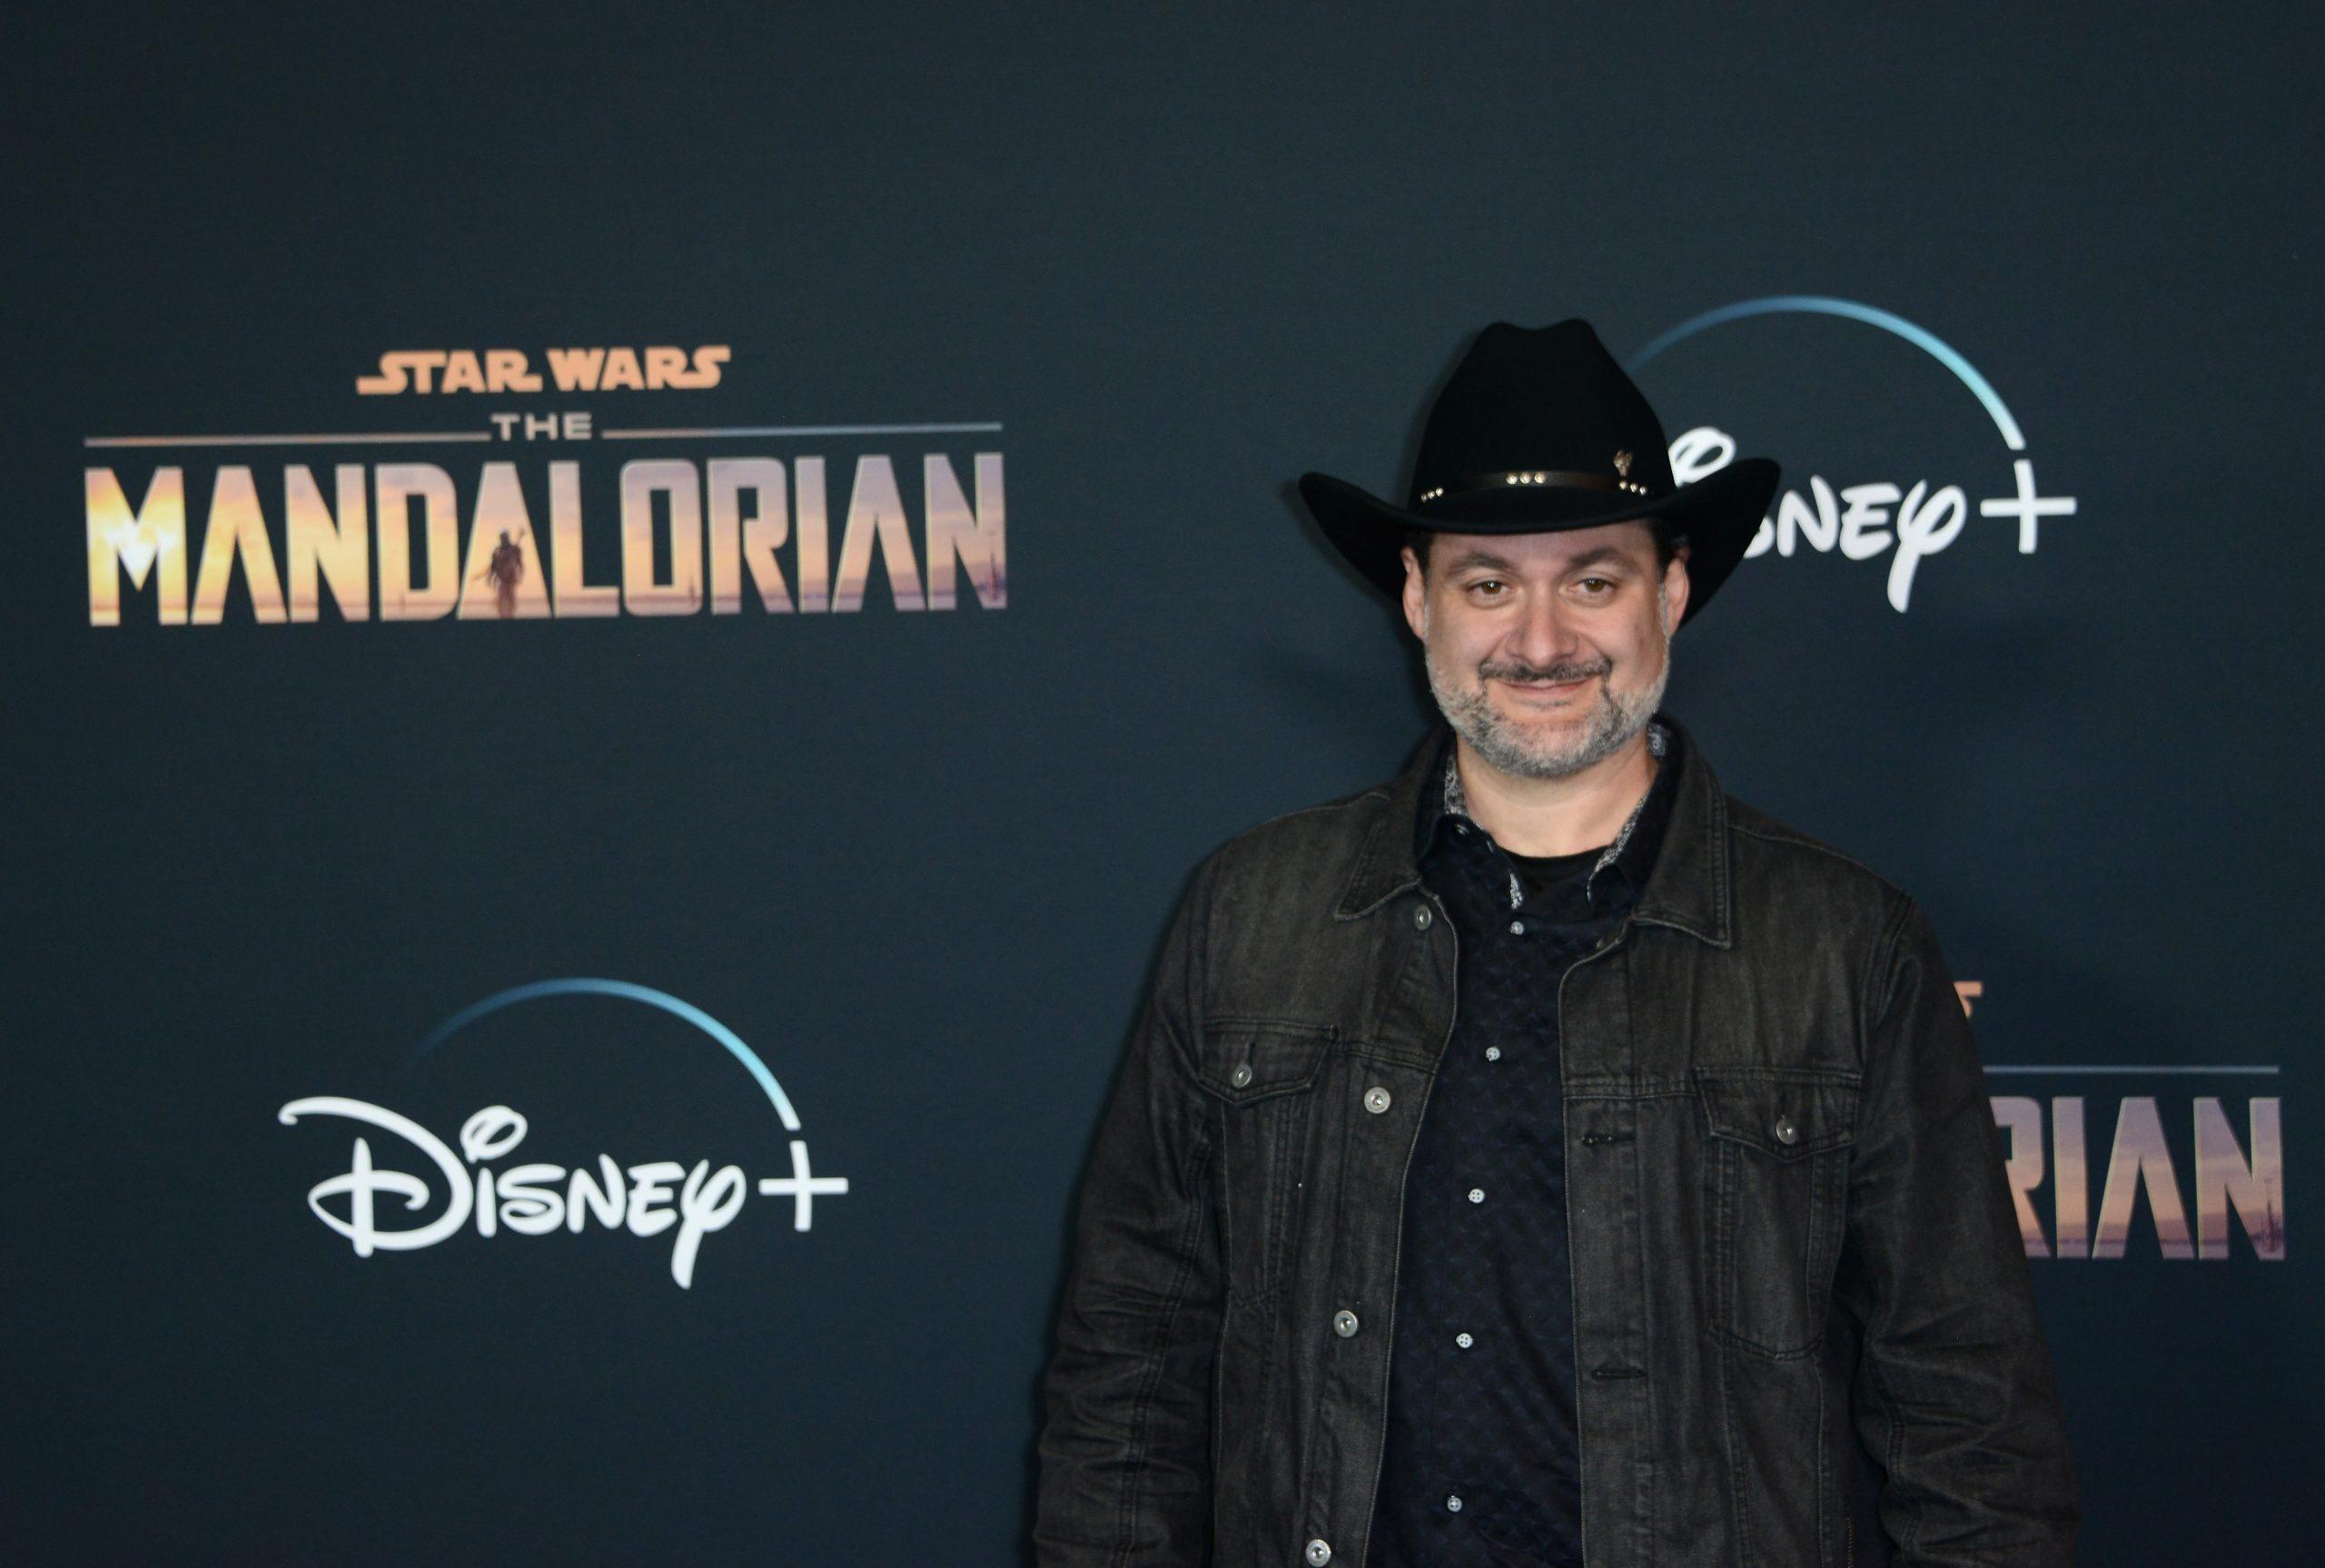 'Star Wars' regresará con una nueva serie animada llamada 'The Bad Batch'